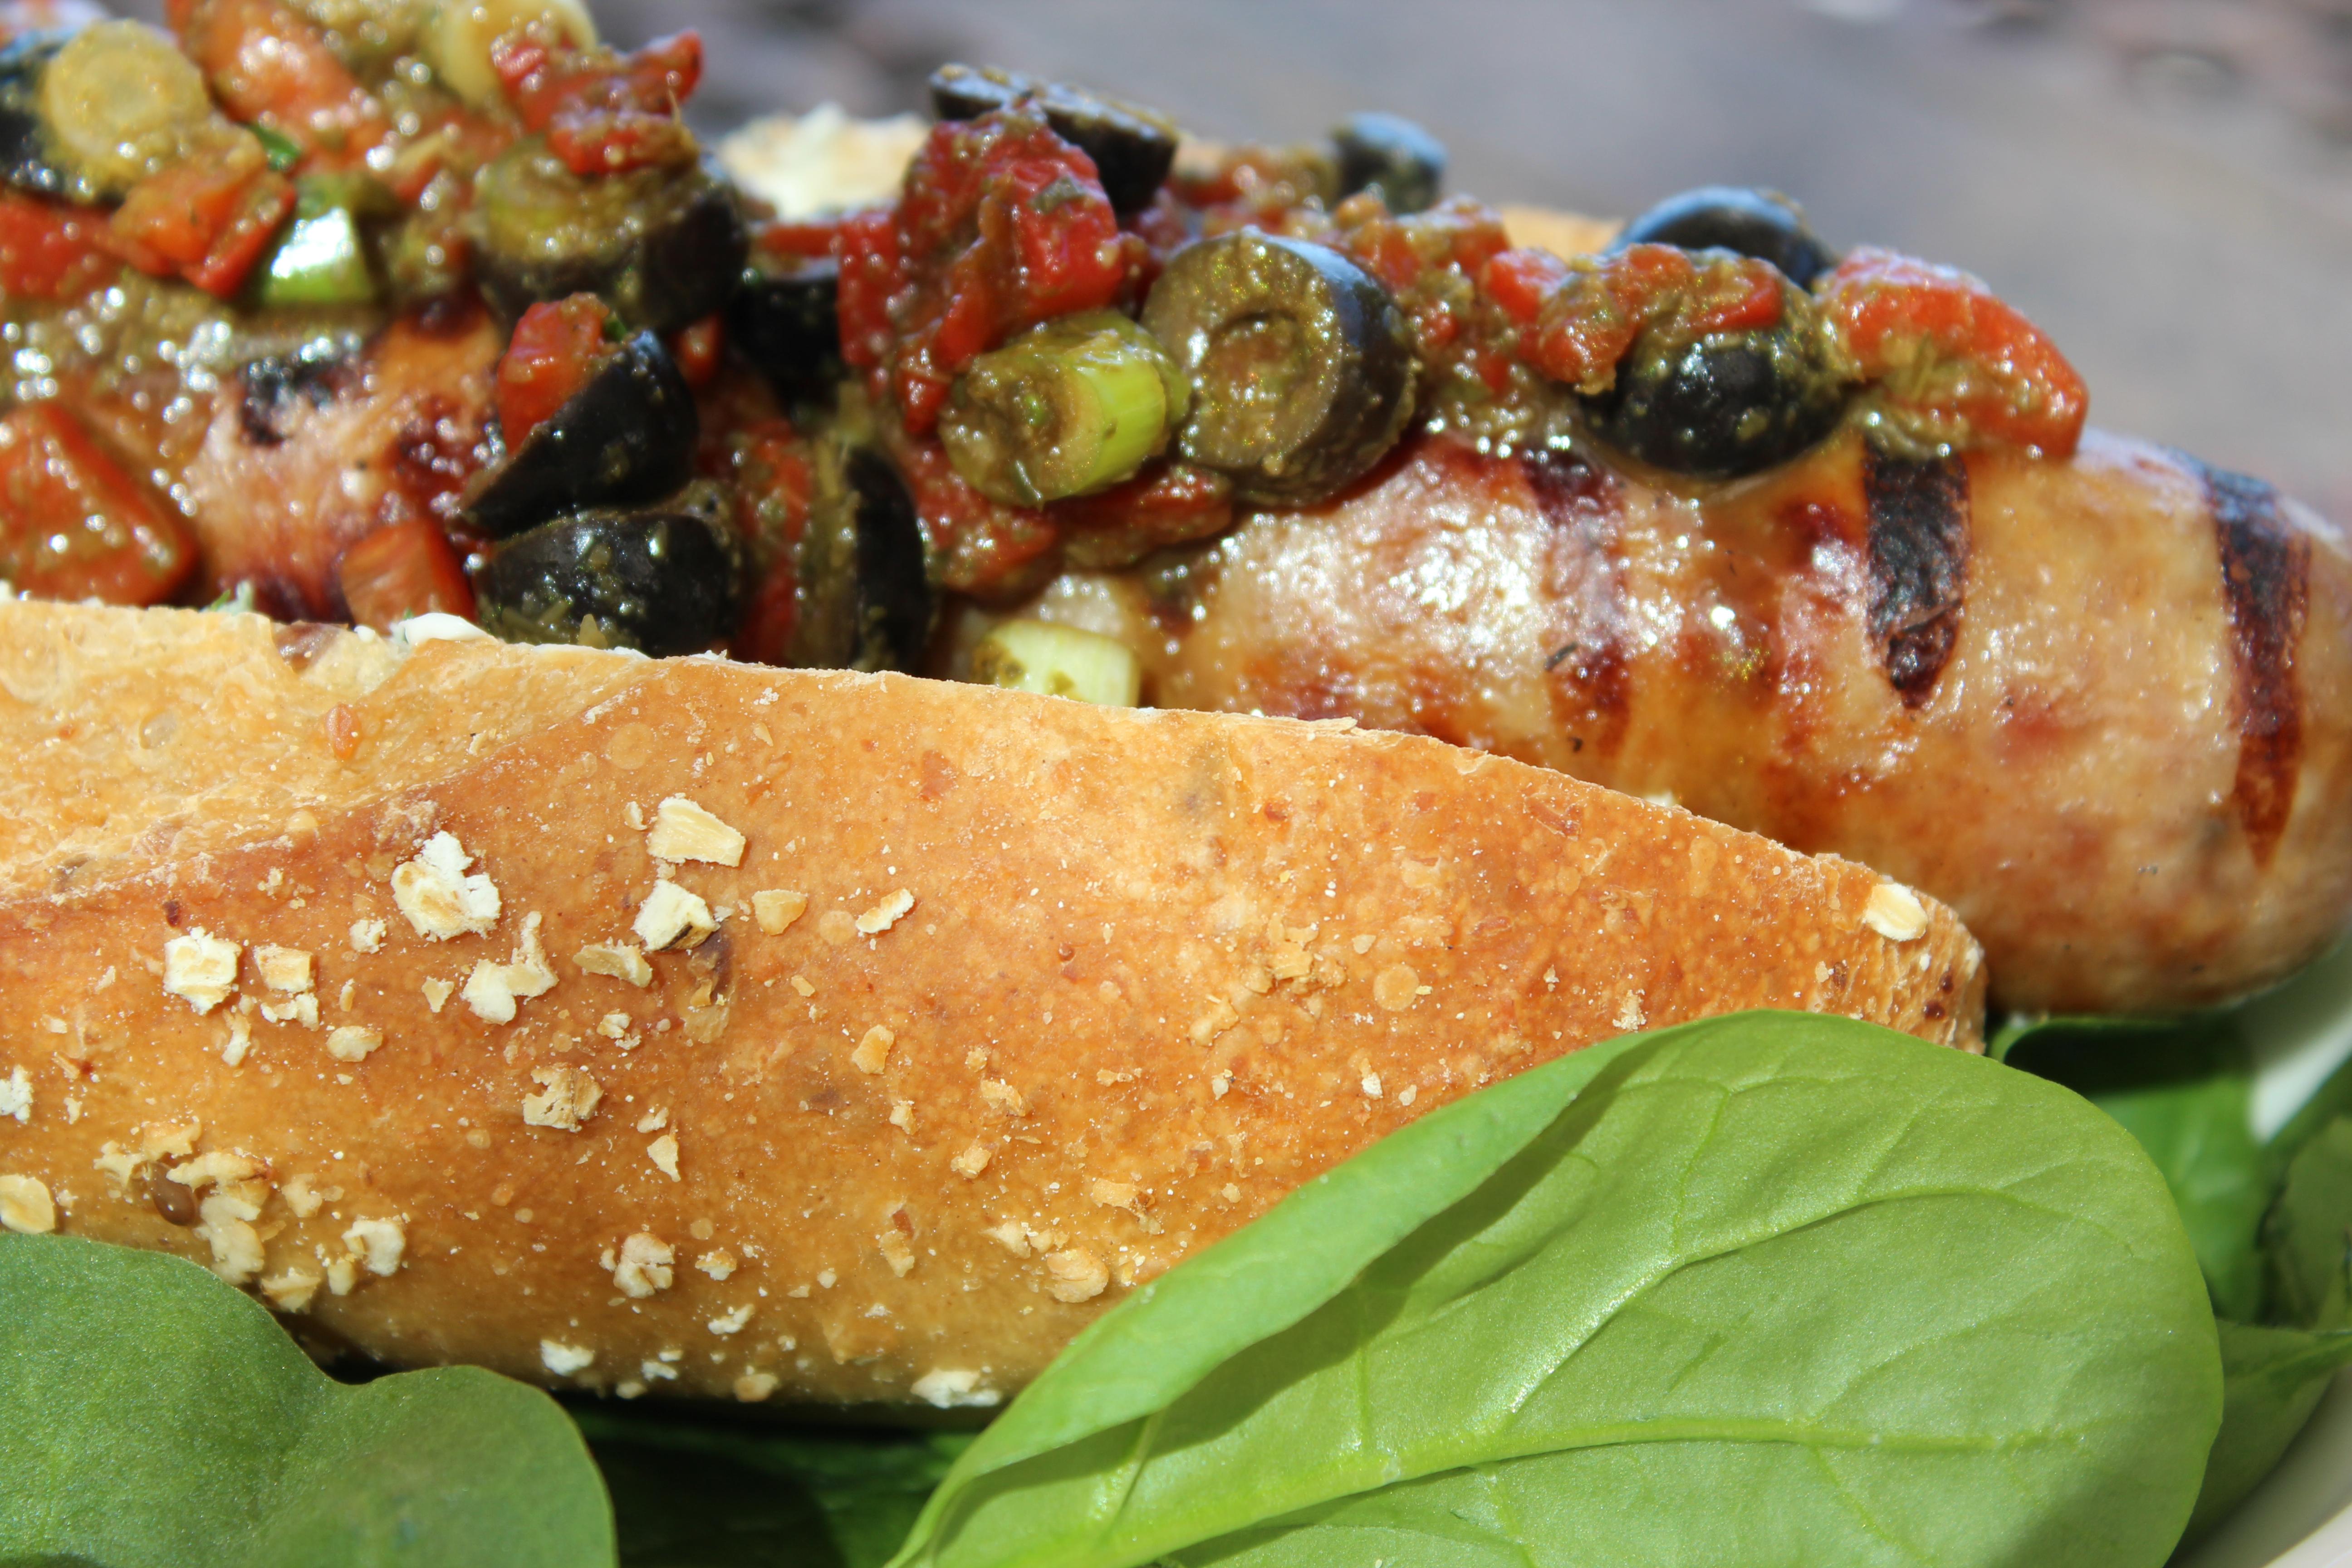 sausage with veggies